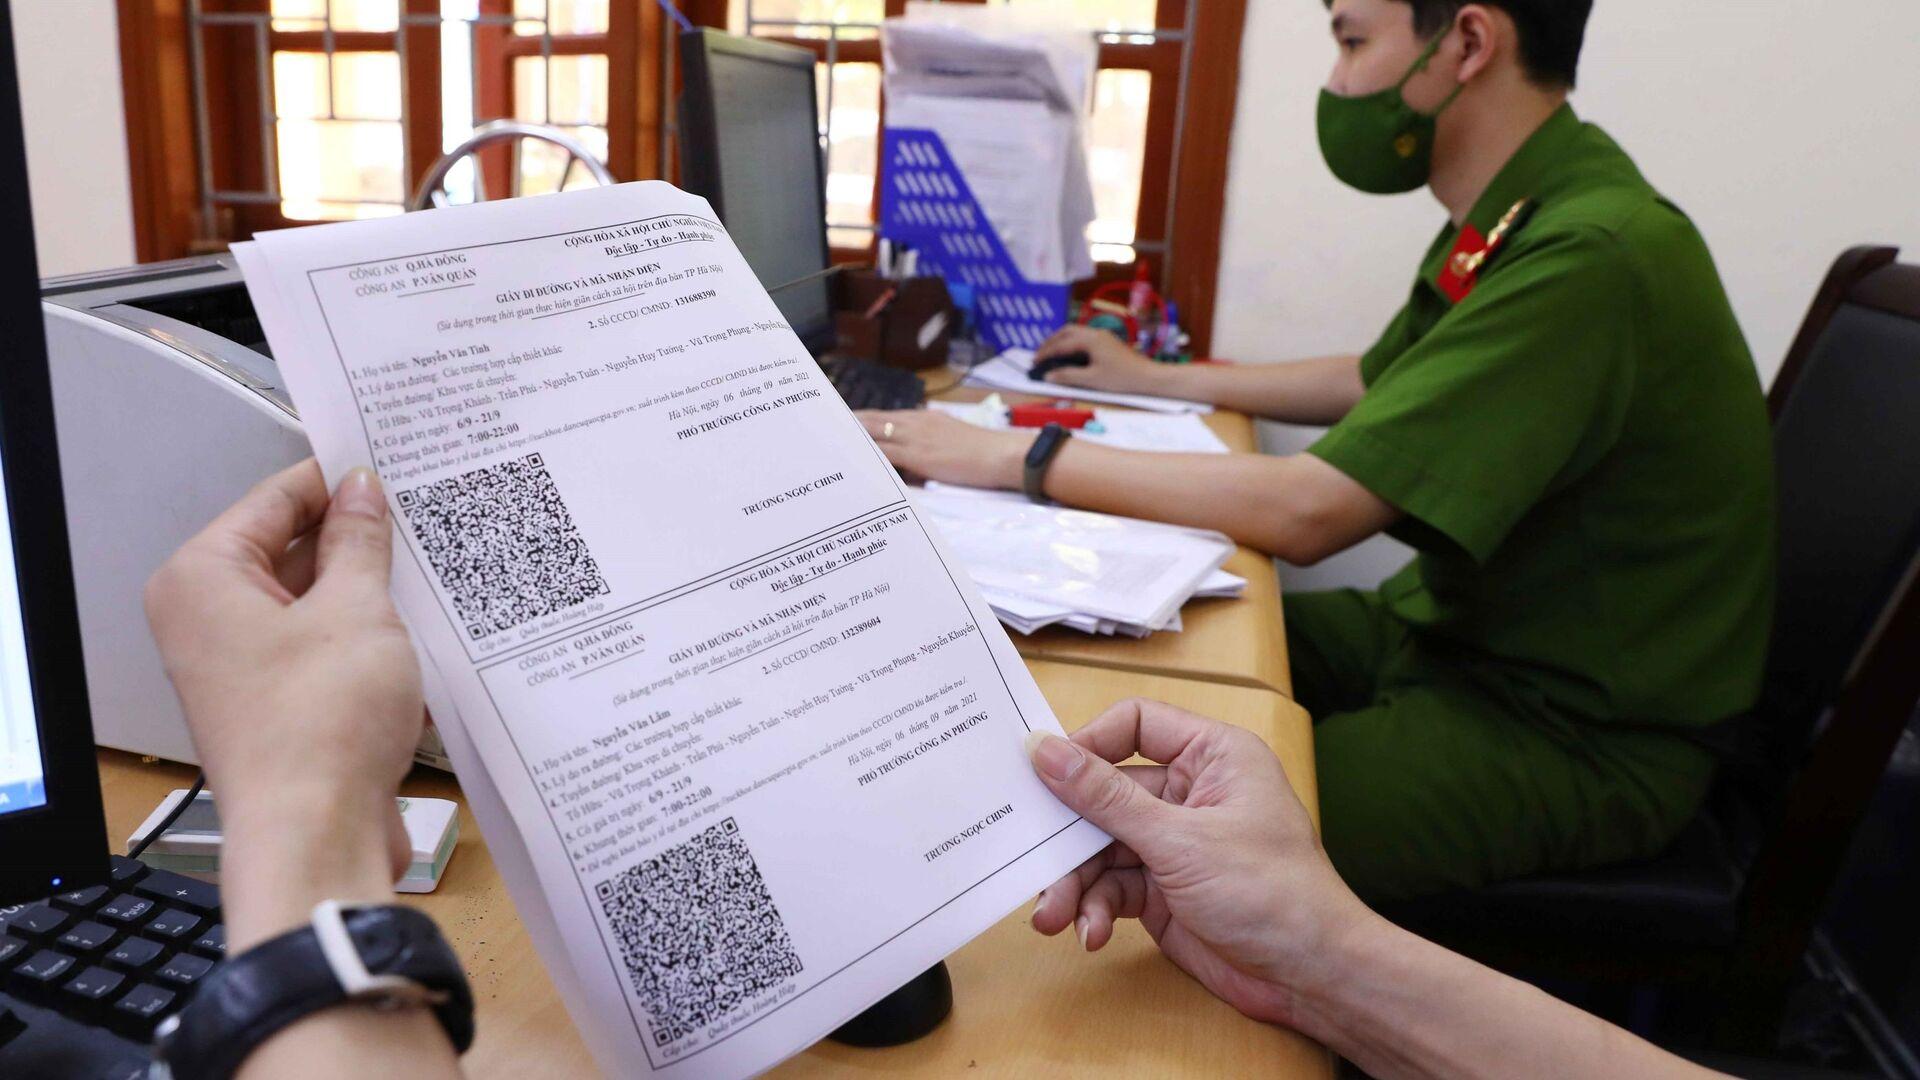 Công an Hà Nội khẩn trương cấp giấy đi đường theo mẫu mới cho người dân - Sputnik Việt Nam, 1920, 14.10.2021